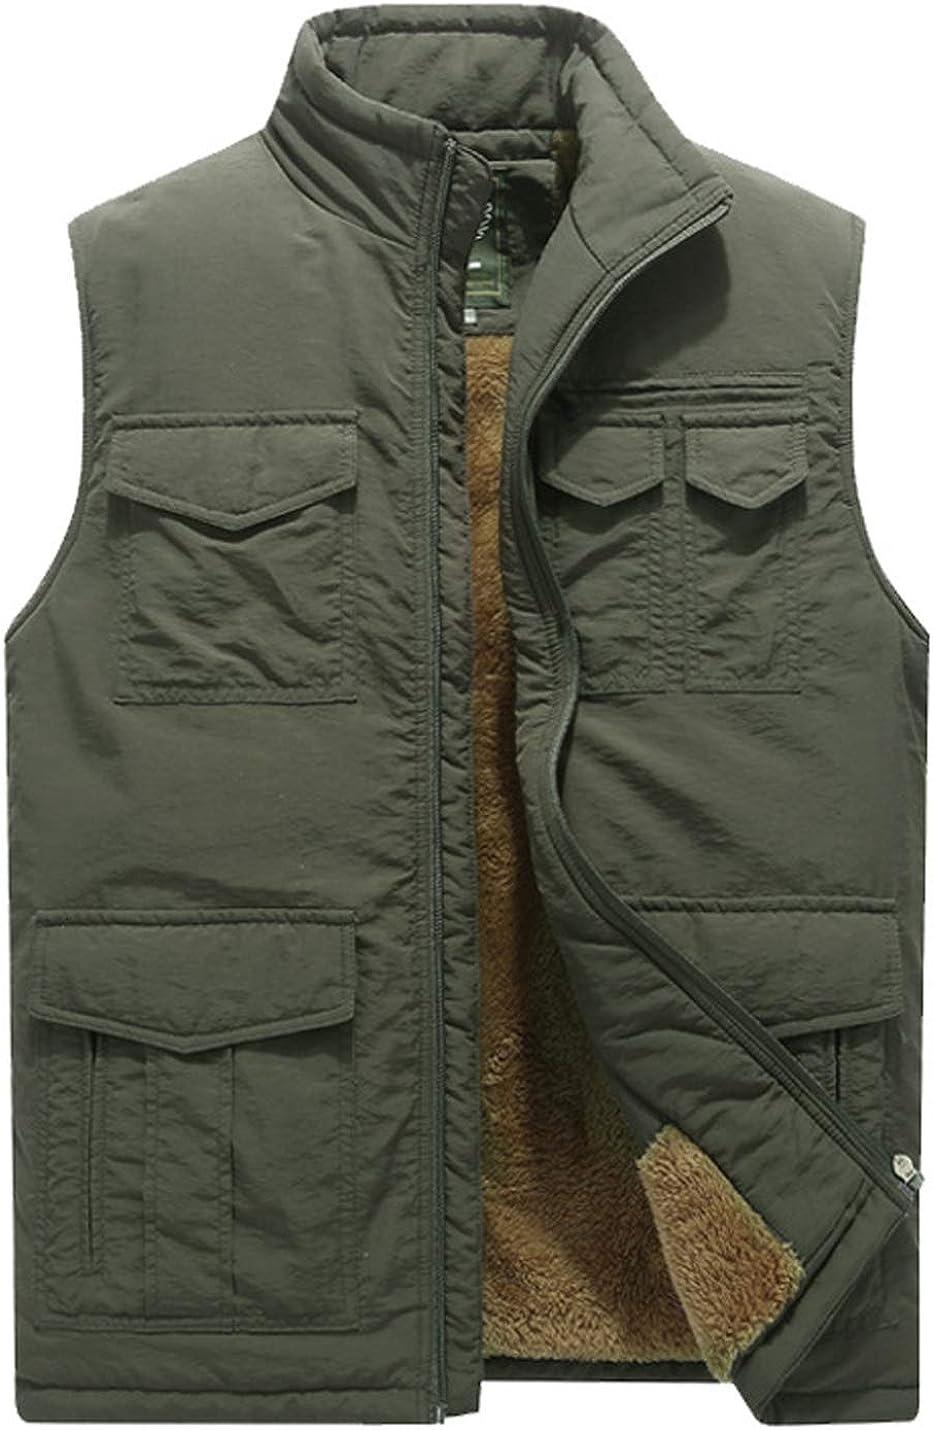 Yimoon Men's Fleece Outdoor Fishing Photo Journalist Multi-Pocket Winter Thick Vest